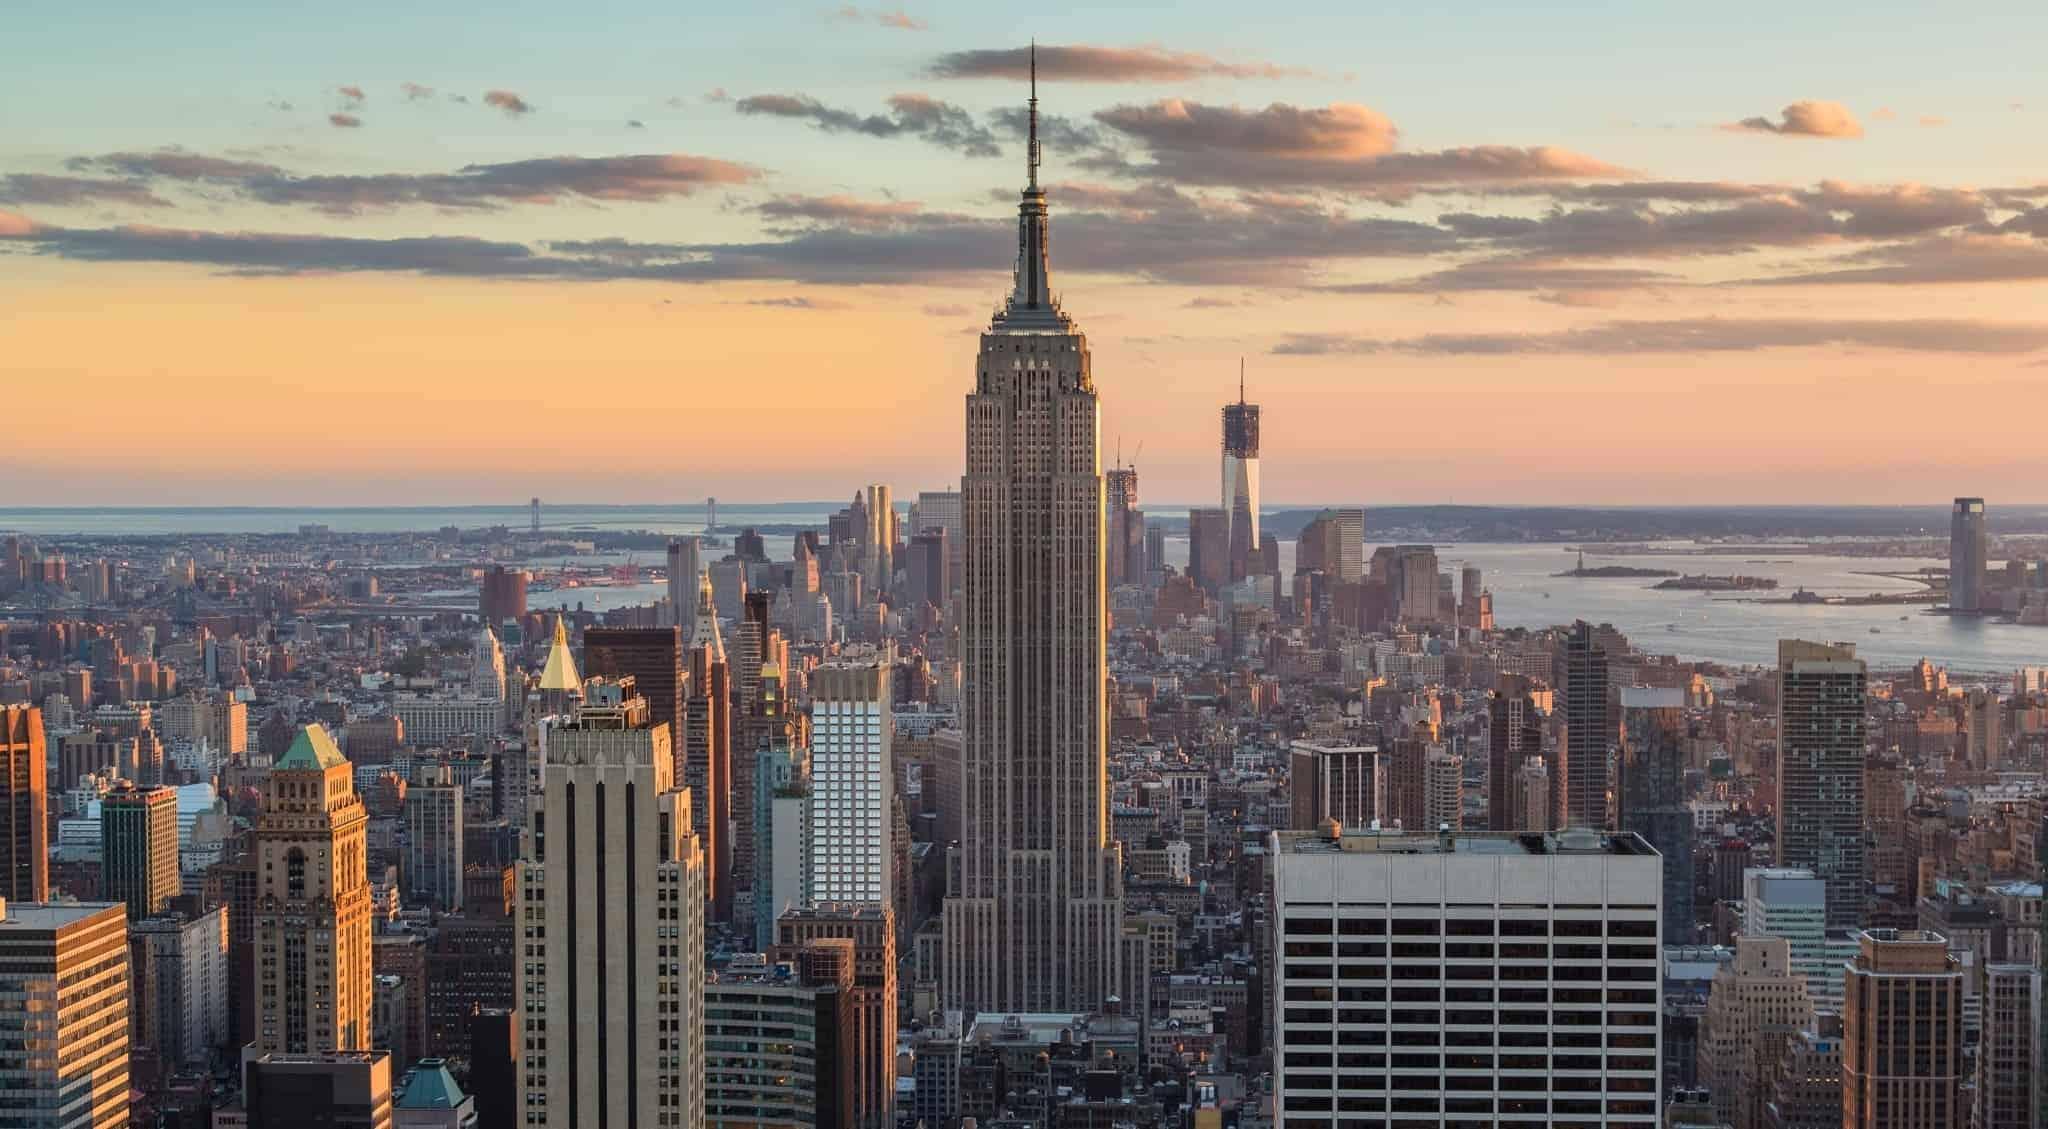 زيارة مبنى امبير ستيت (Empire State ) في نيويورك